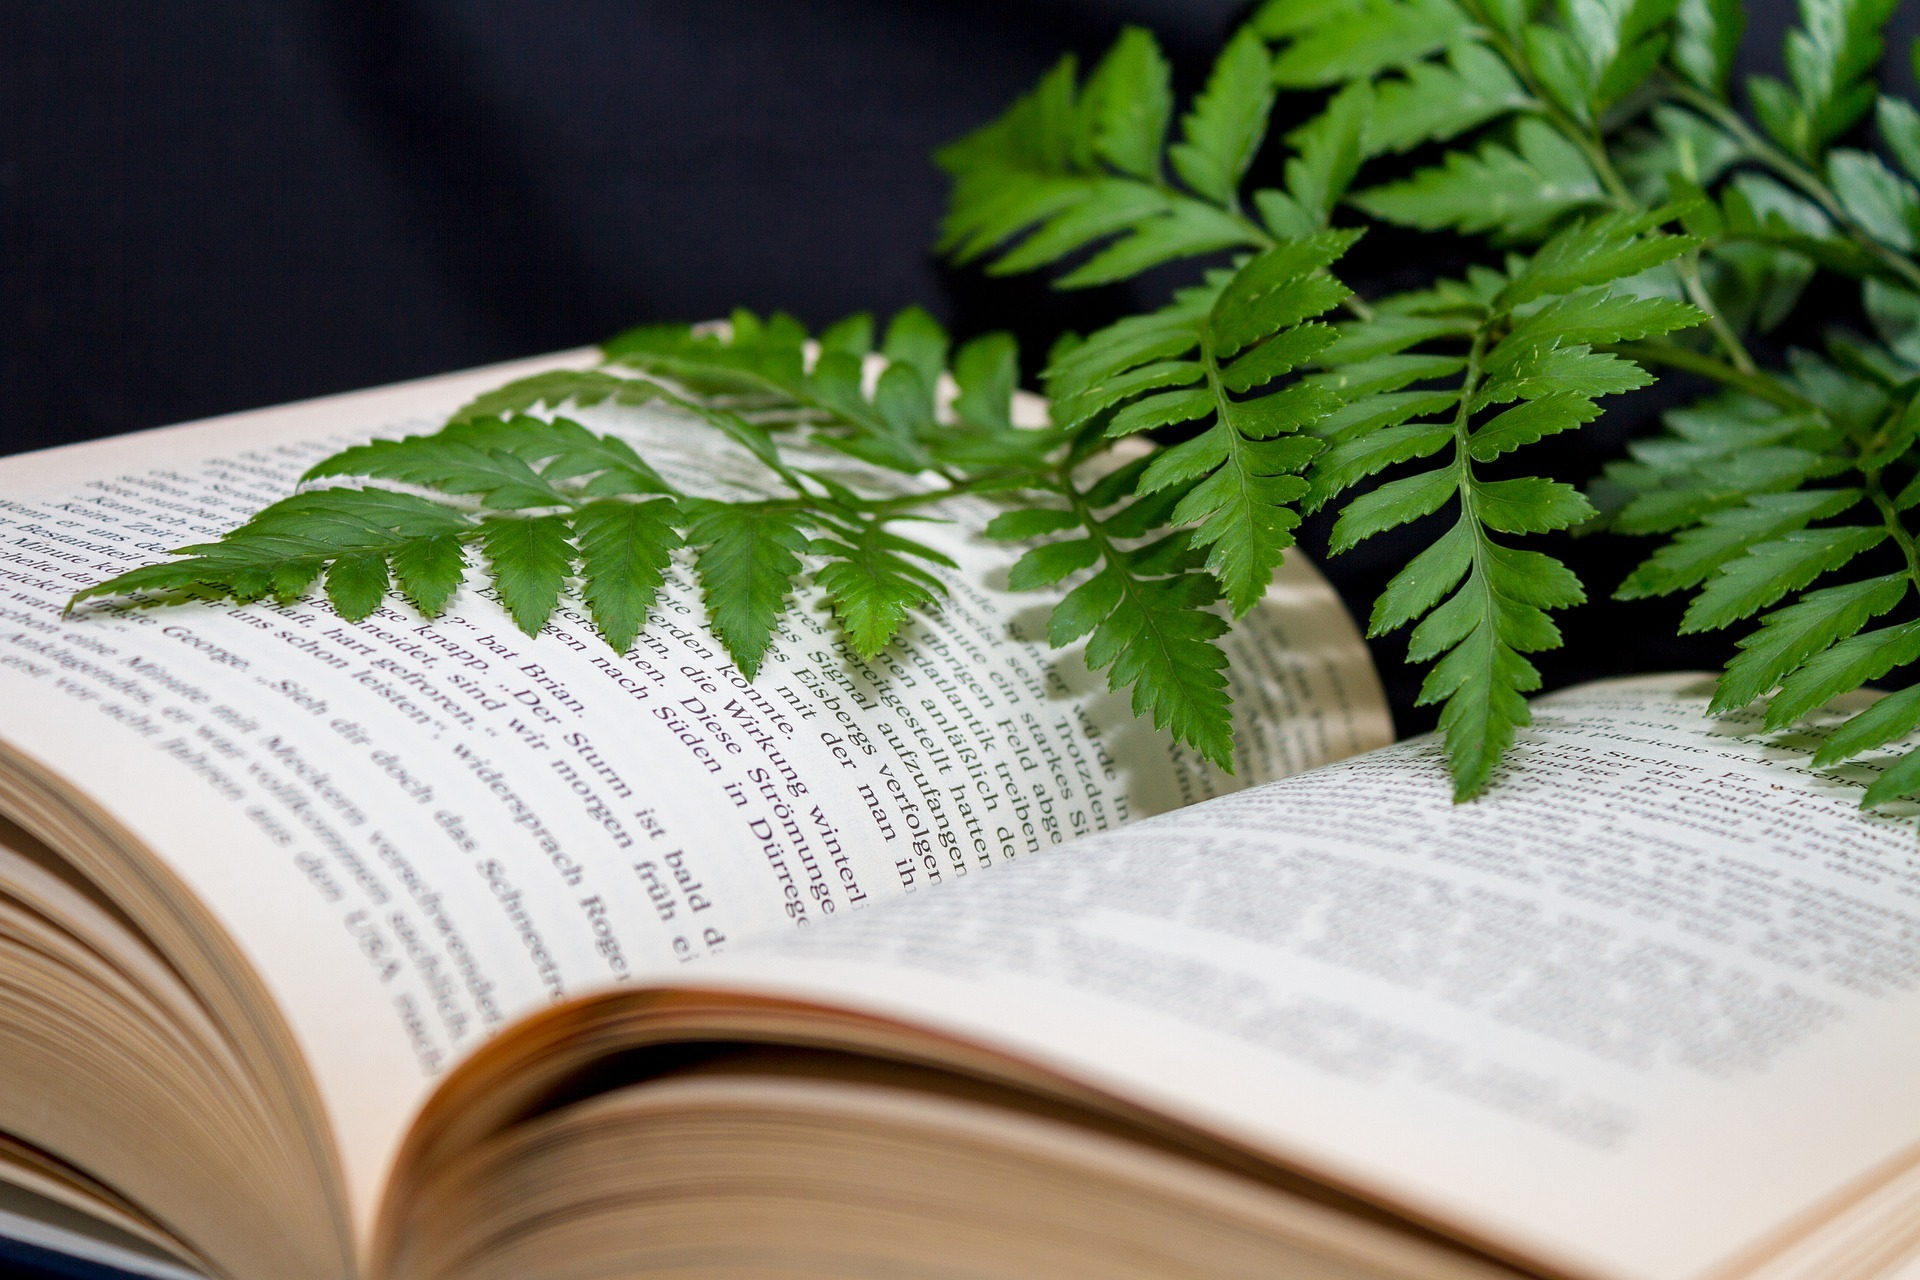 Pflanzen bestimmen mit einer Pflanzendatenbank auf ratgeber-blogger.de